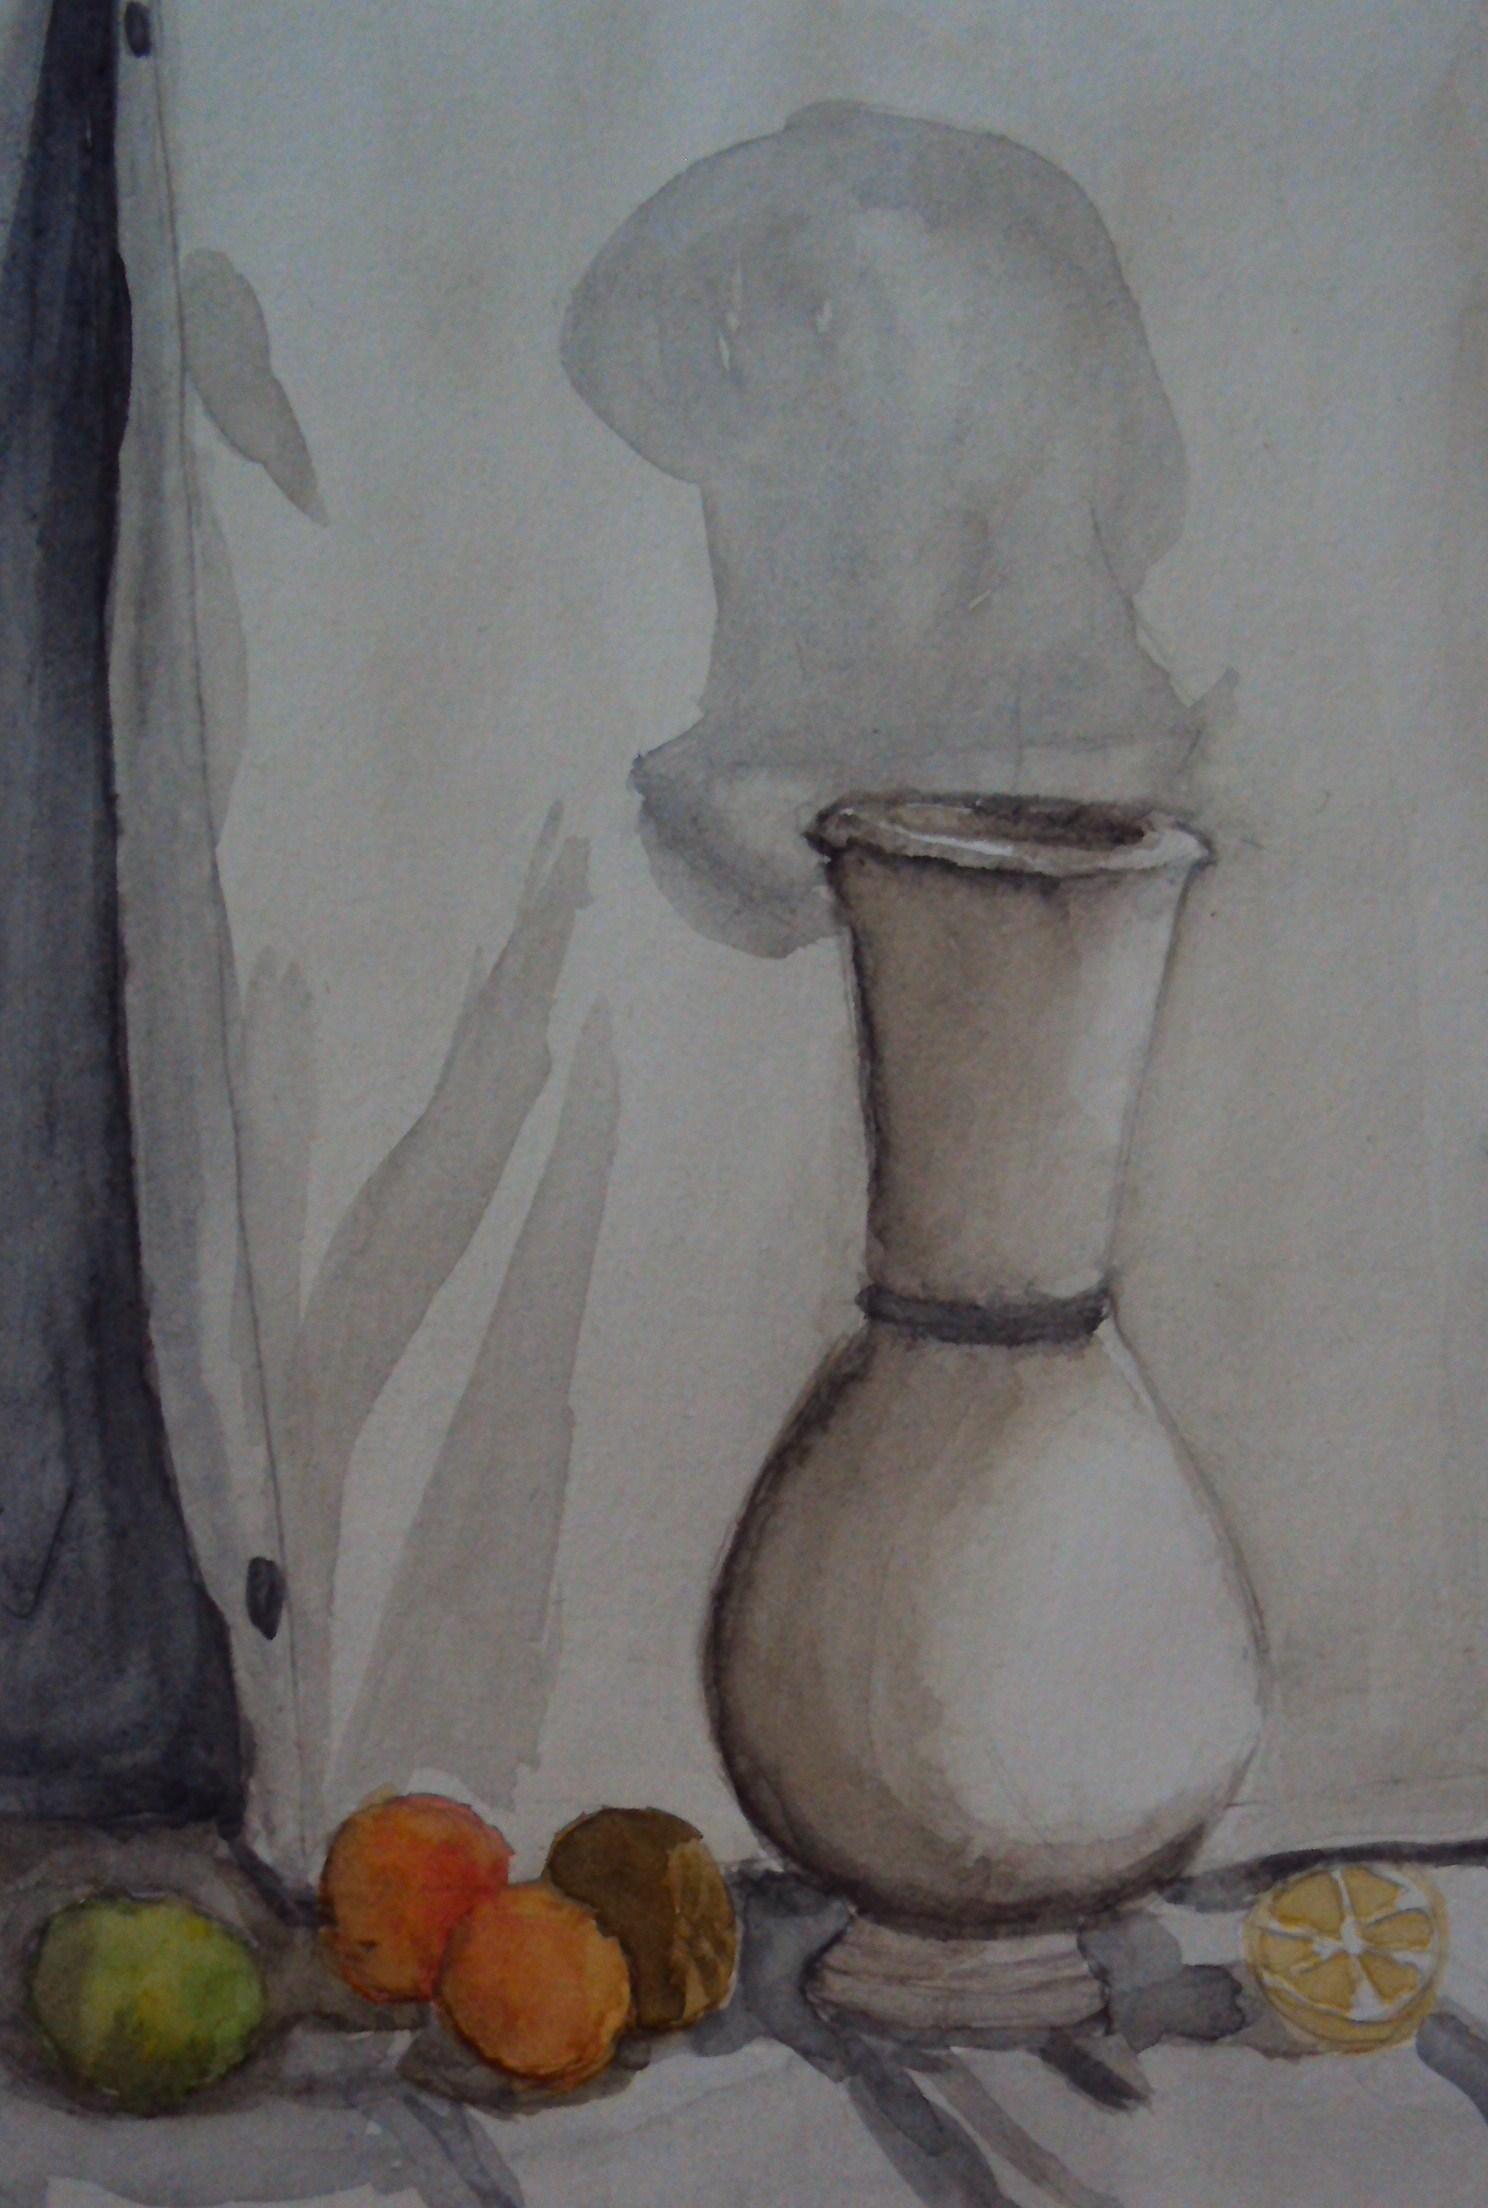 как рисовать вазу карандашом: